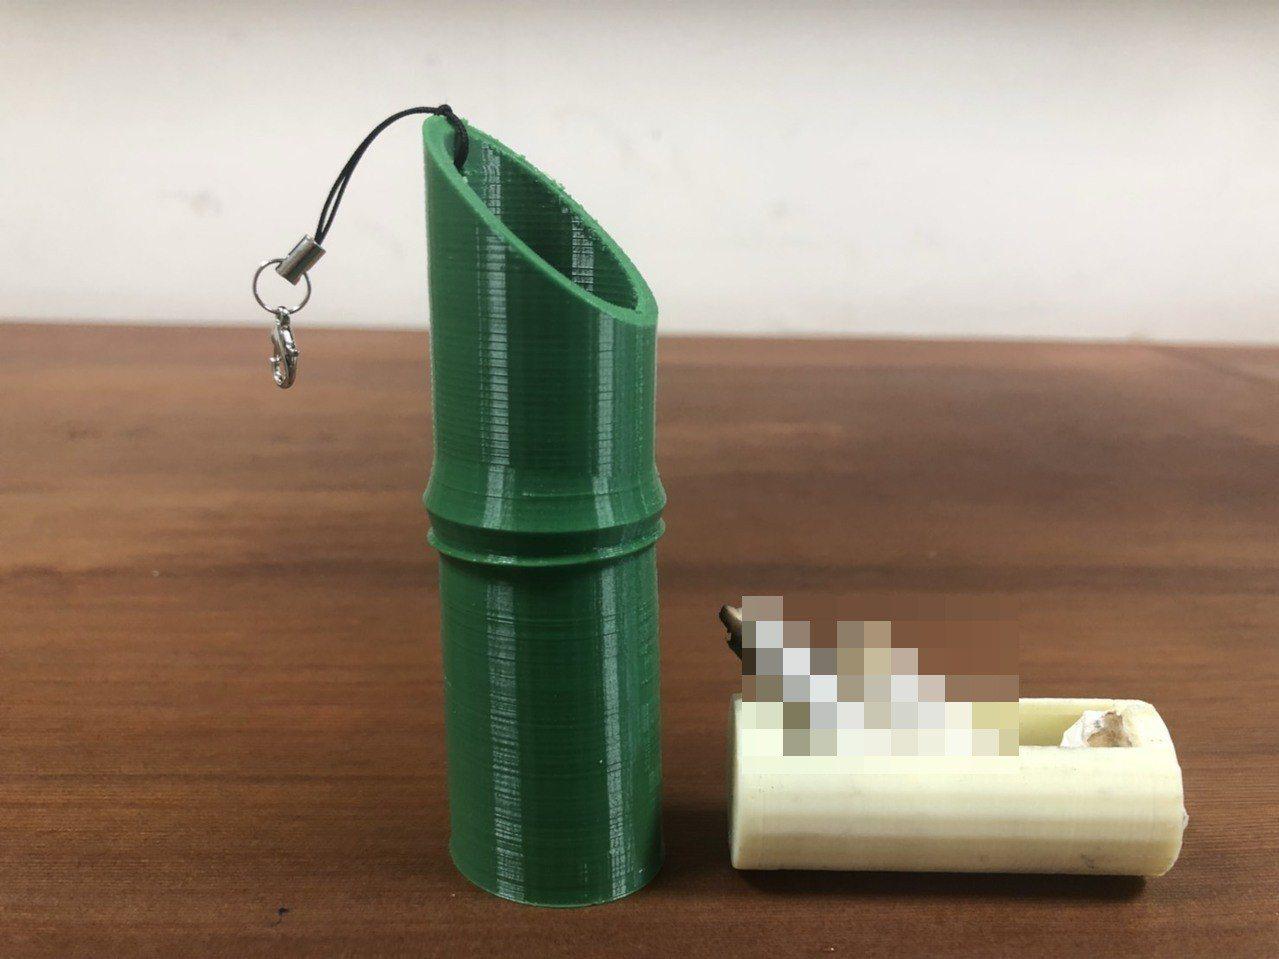 為鼓勵吸菸民眾自備菸蒂盒,活動現場準備了新竹在地特色的竹子造型菸蒂盒供民眾兌換。...